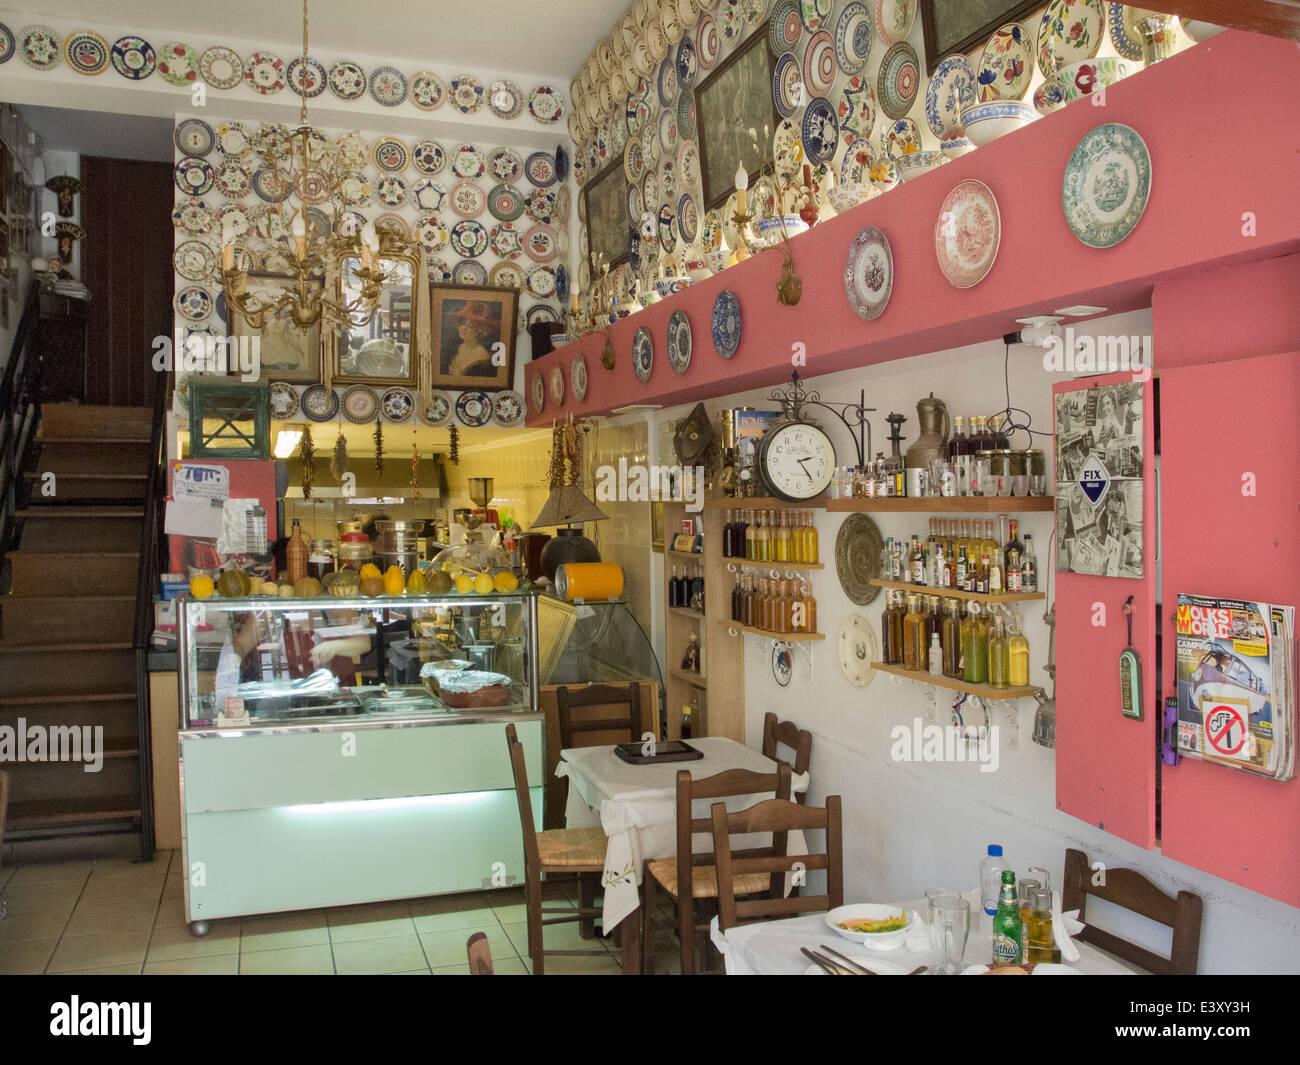 Griechenland, Rhodos-Stadt, Altstadt, Platanos 22, Taverne Boukia..Boukia !, traditionell schaut der Gast in die - Stock Image